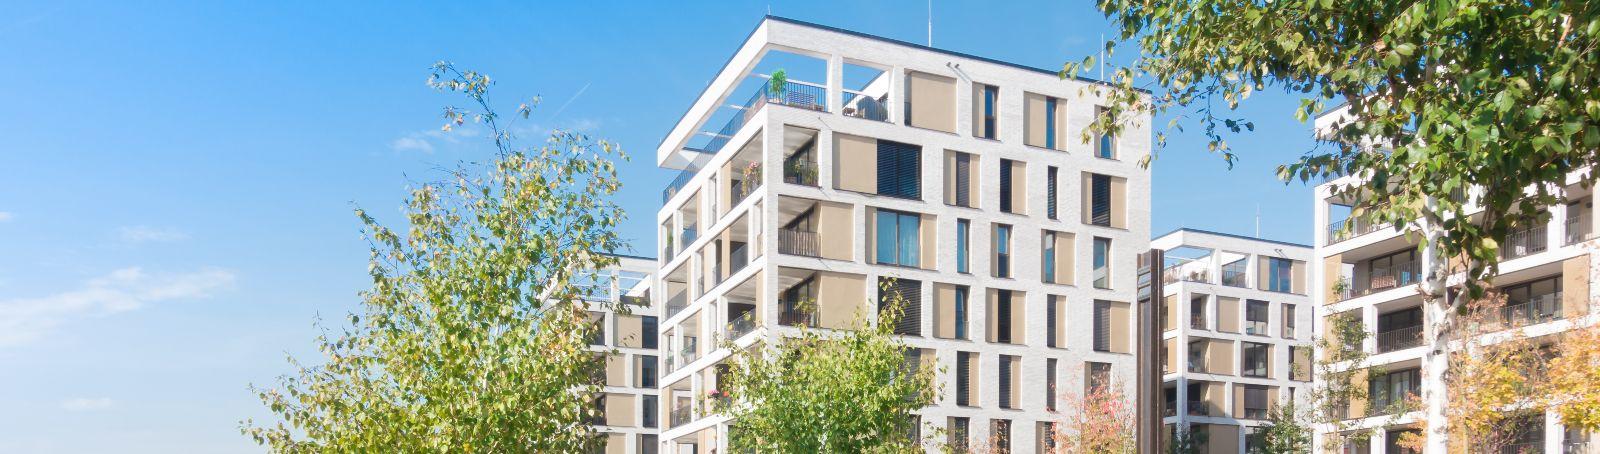 Energieoptimierte Gebäude und eine CO<sub>2</sub>-arme Energieversorgung sind wichtige Themen des neu aufgelegten Fachportals energiewendebauen.de.